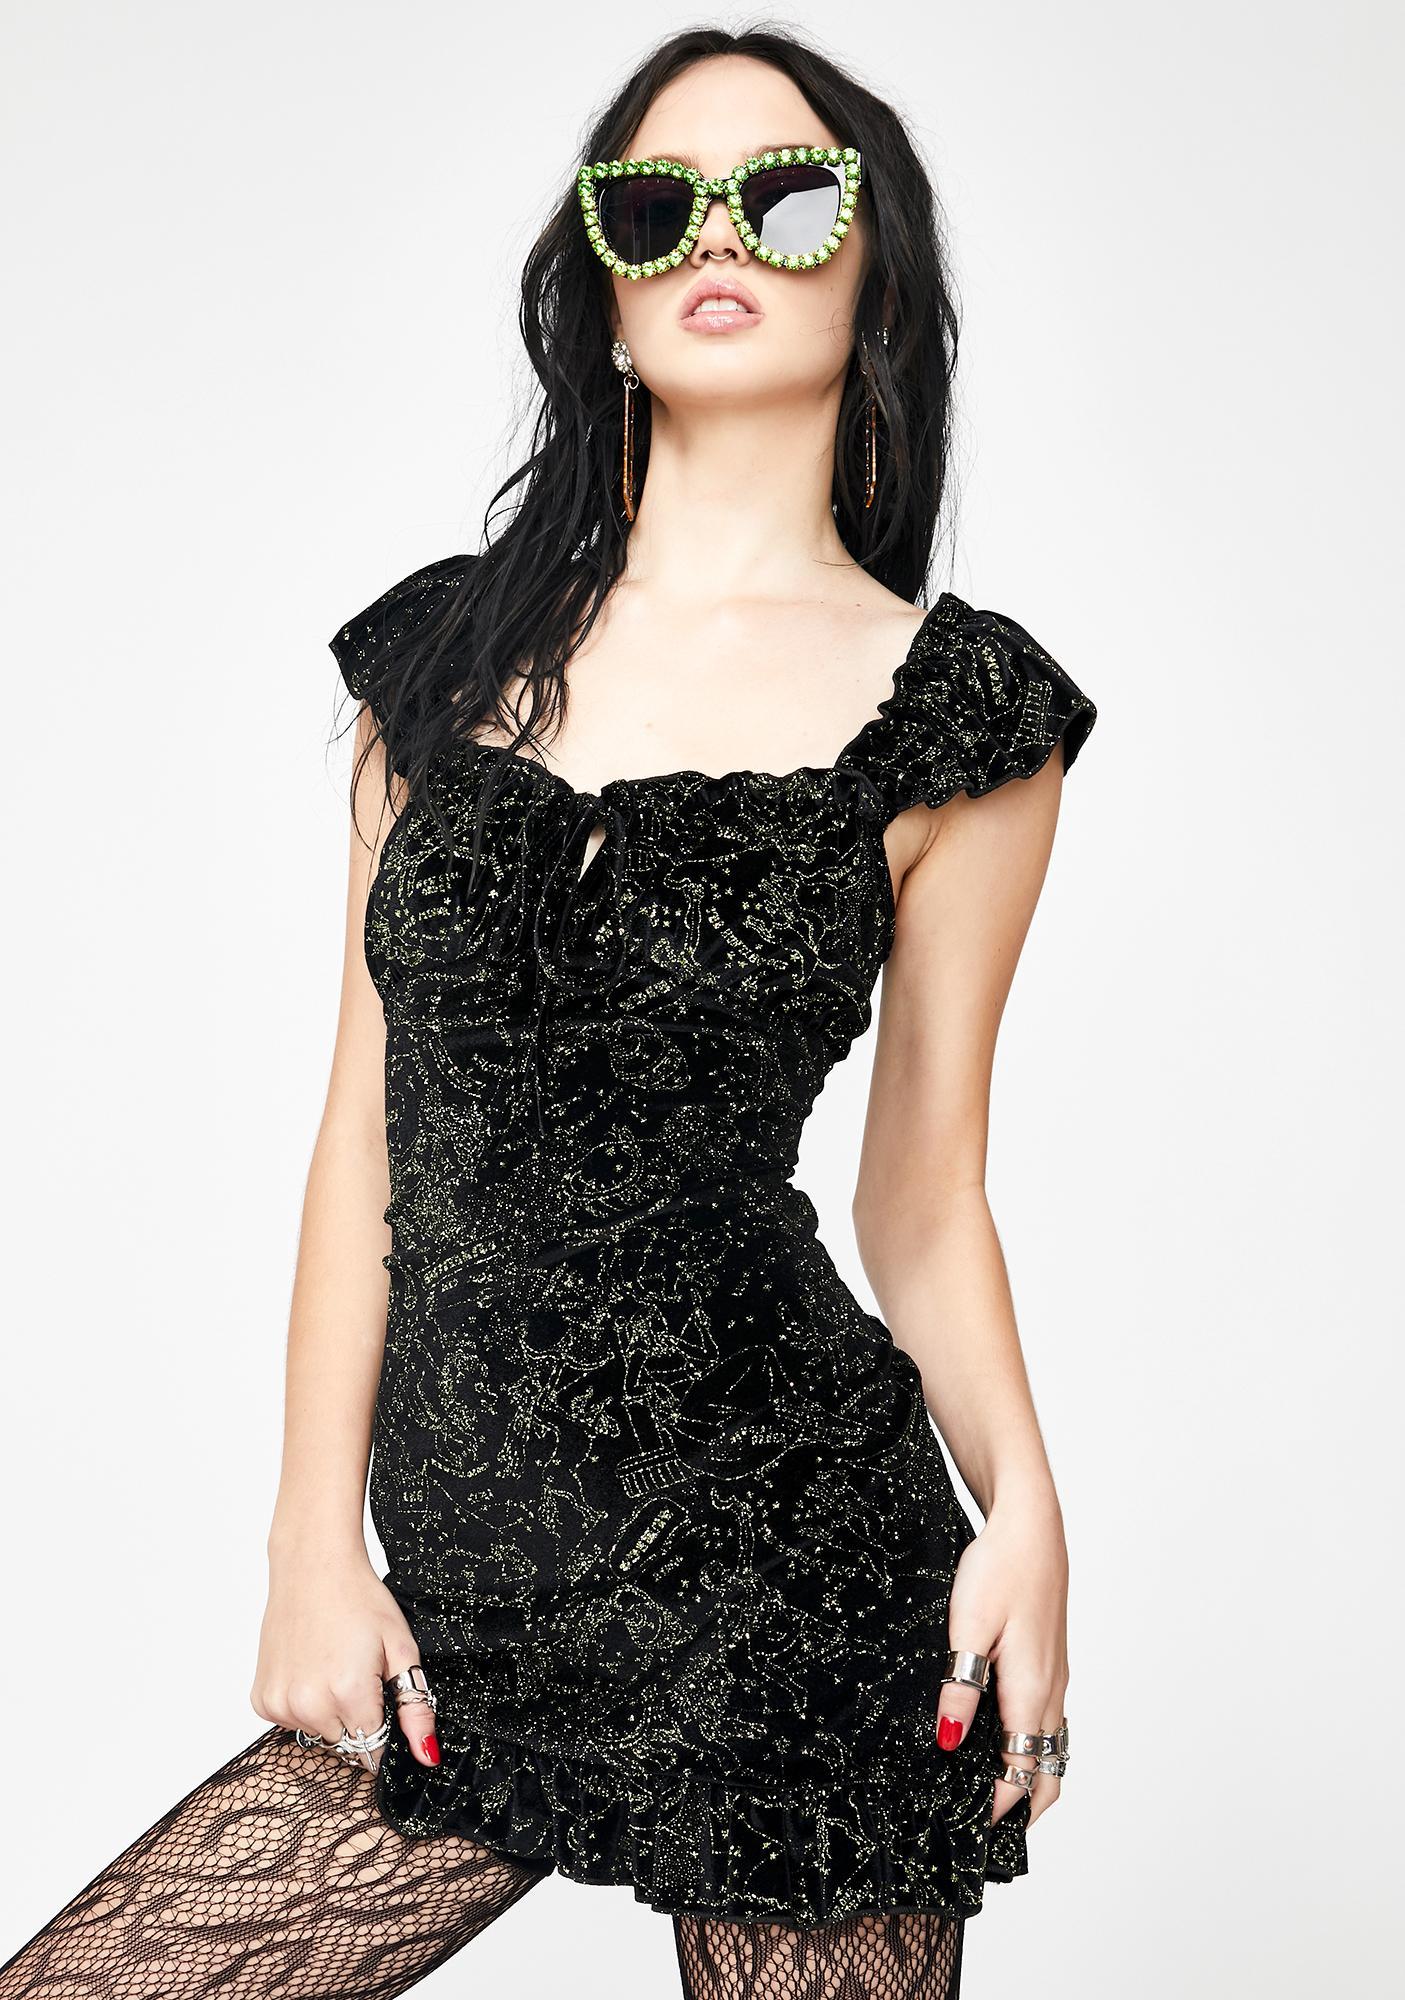 NEW GIRL ORDER Velvet Glitter Constellation Dress